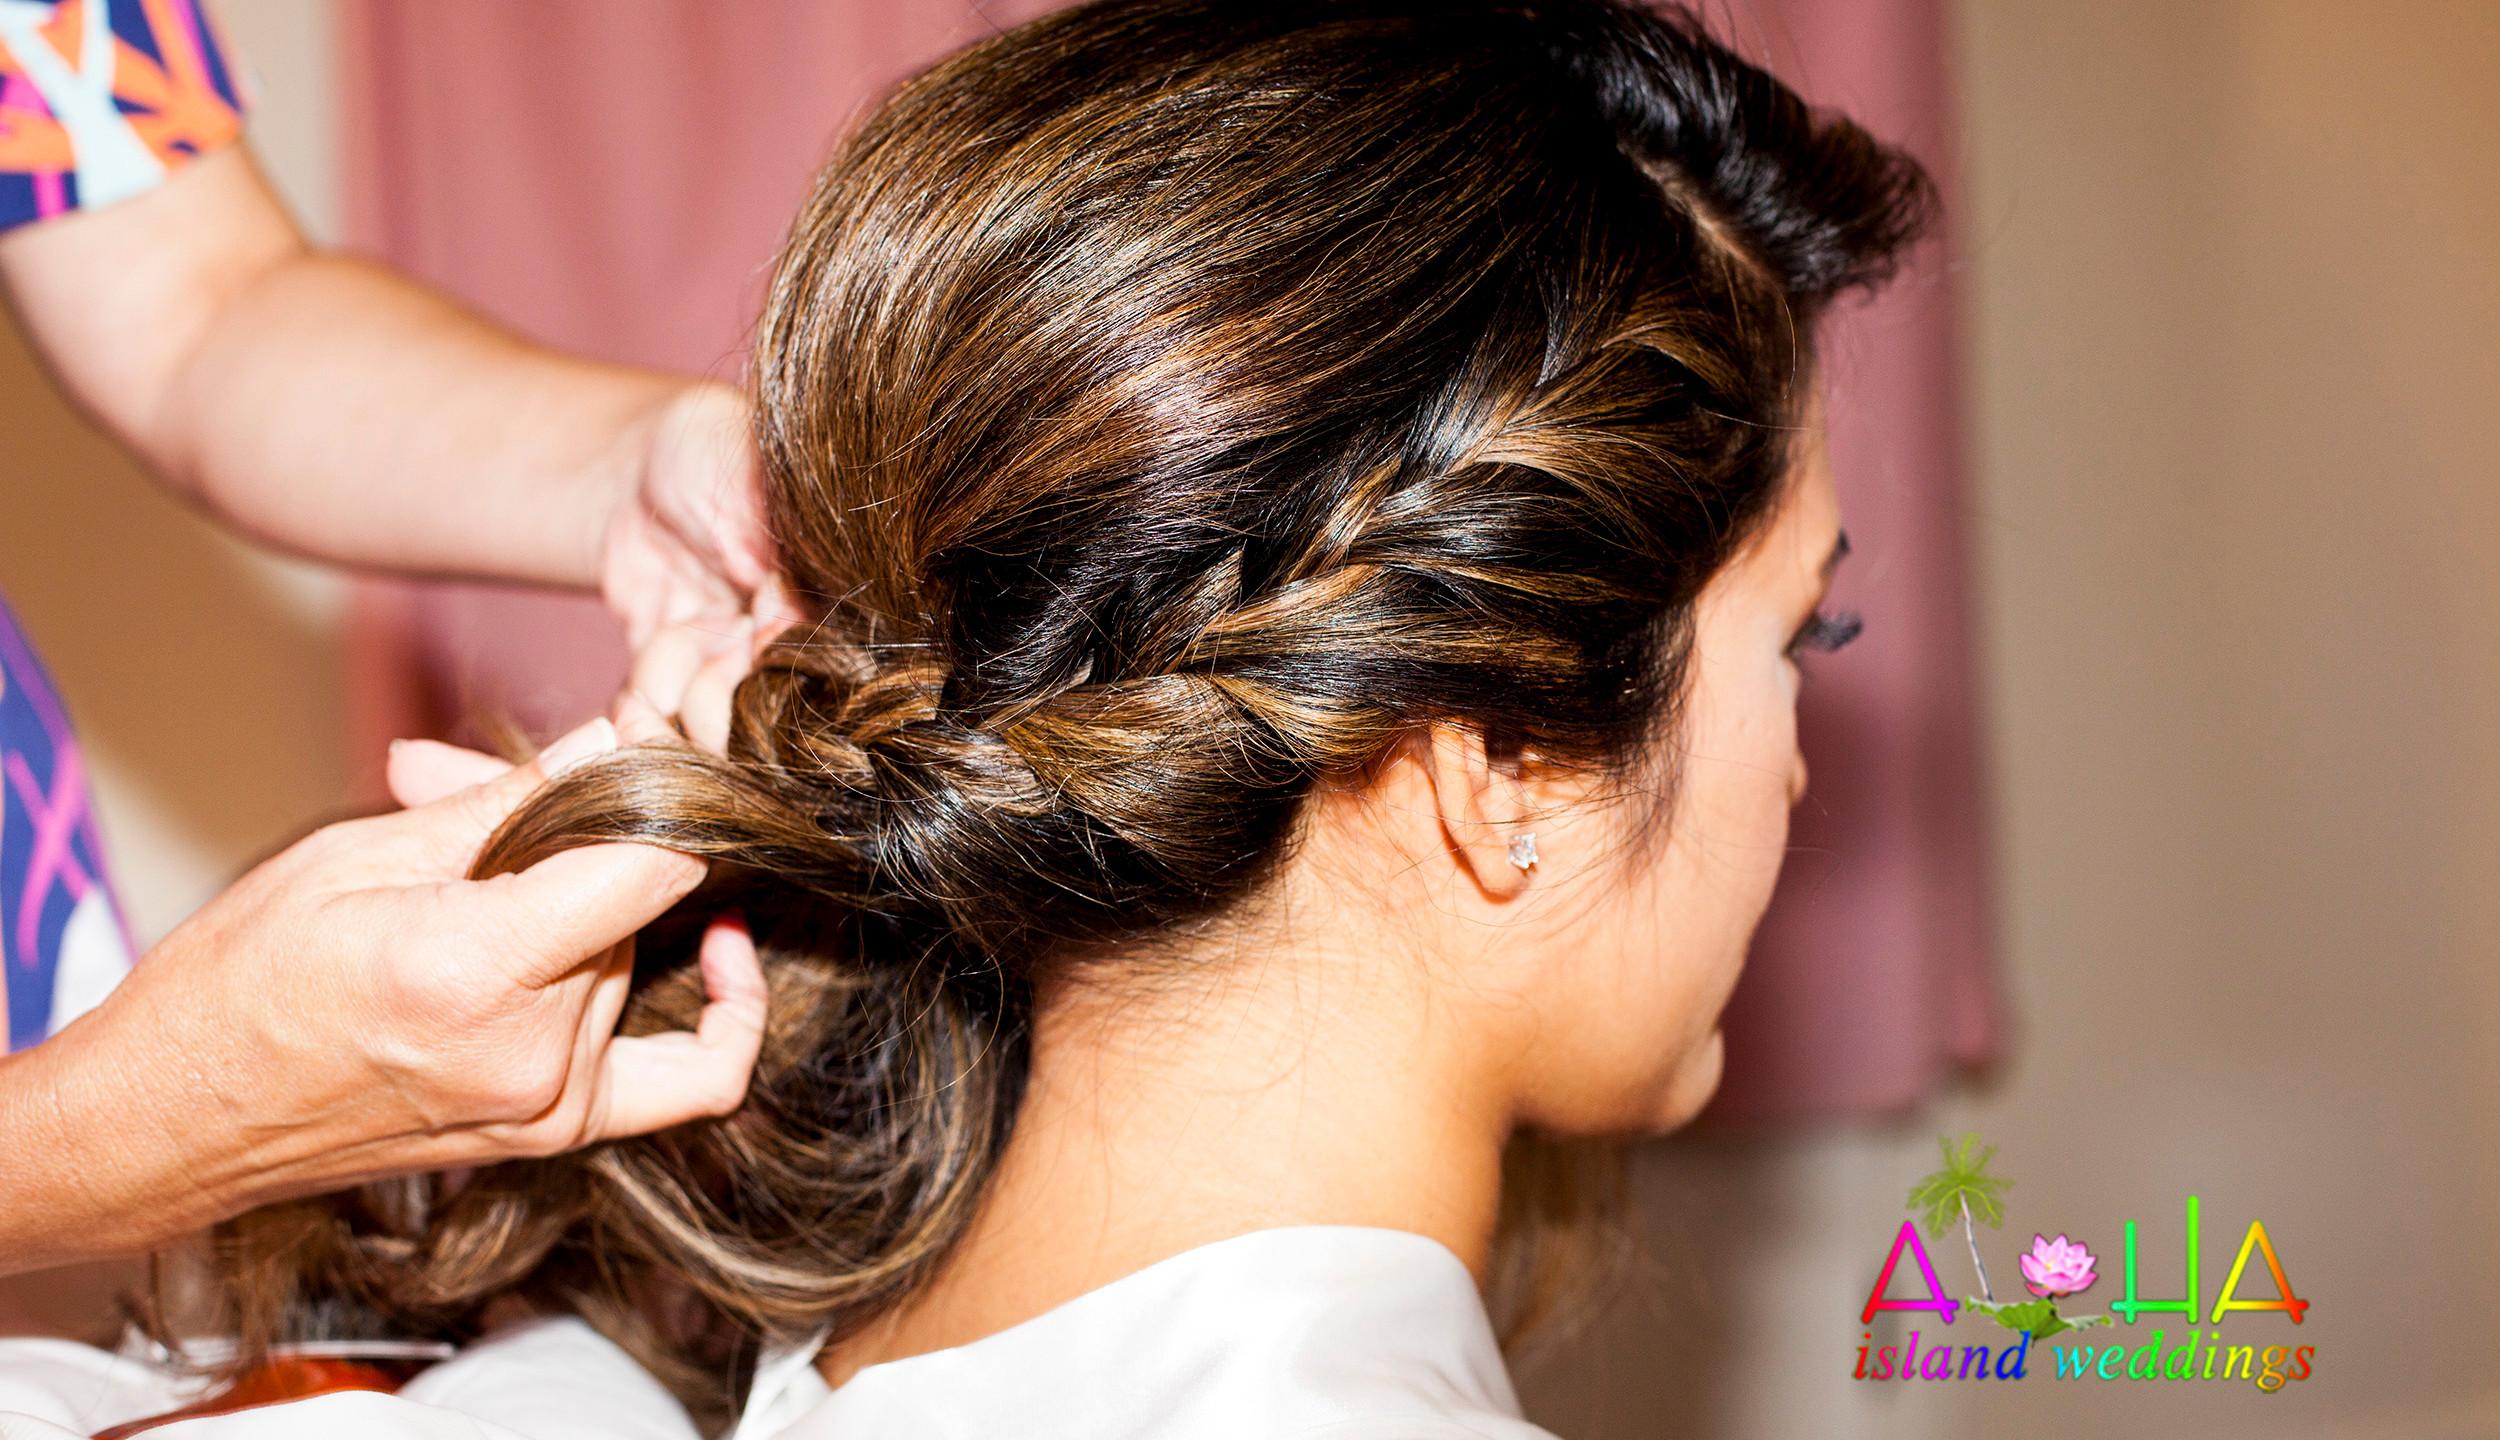 Hawaii hair & Makeup